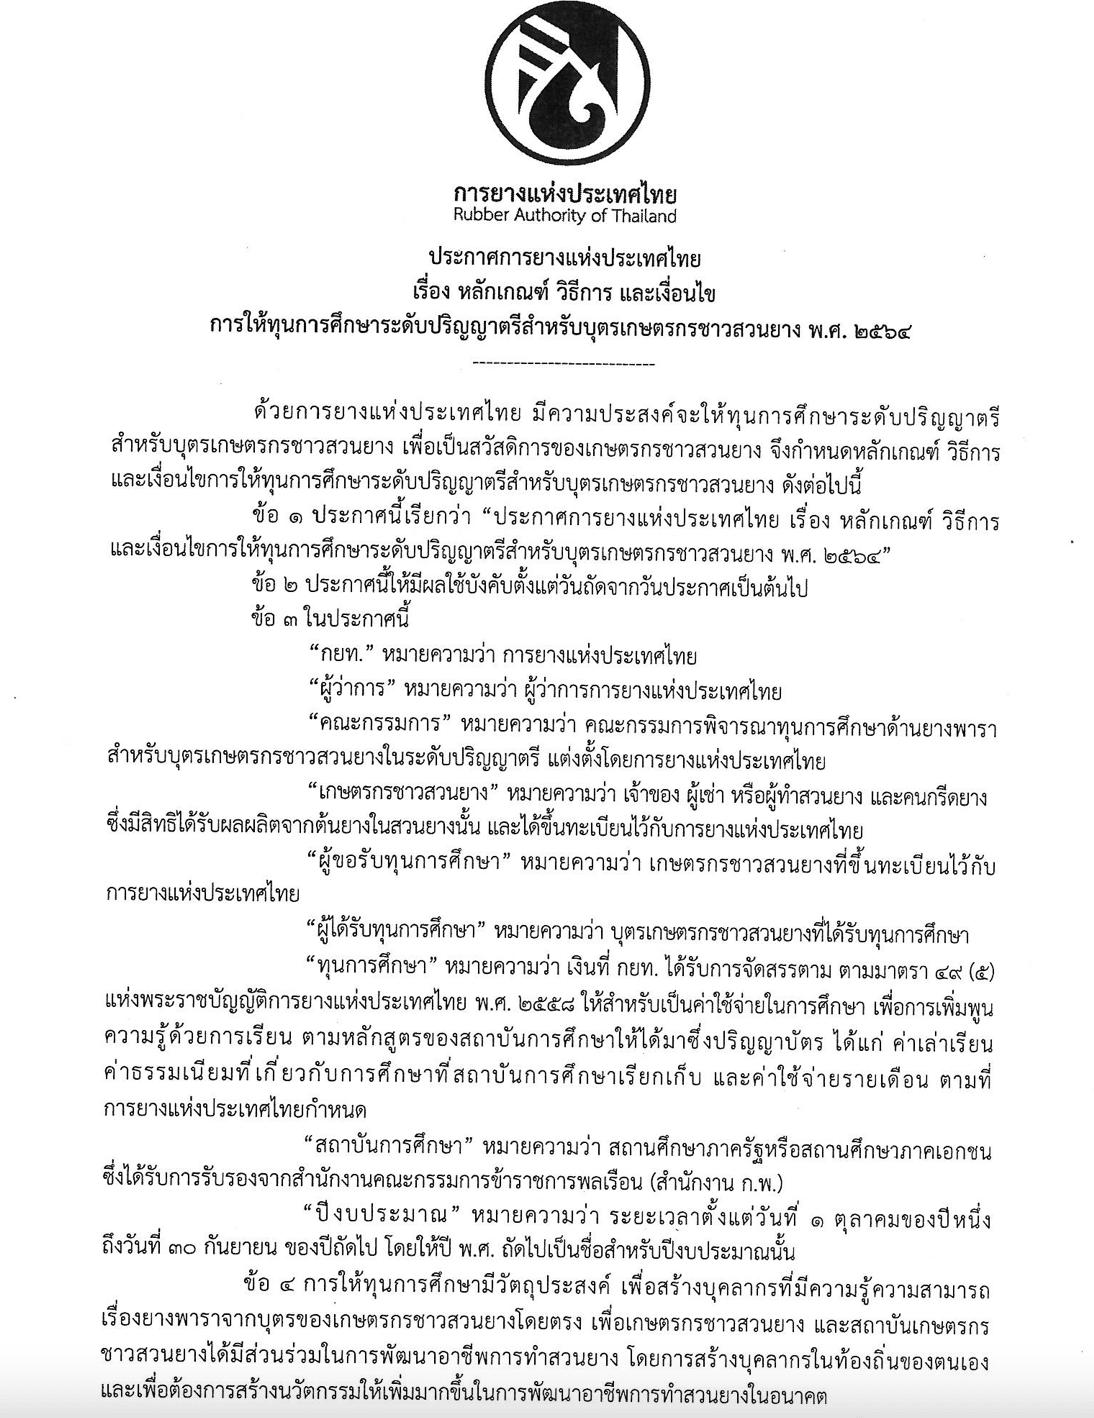 กยท. มอบทุนการศึกษา บุตรเกษตรกรชาวสวนยาง ปีที่ 2 พ.ศ. 2564